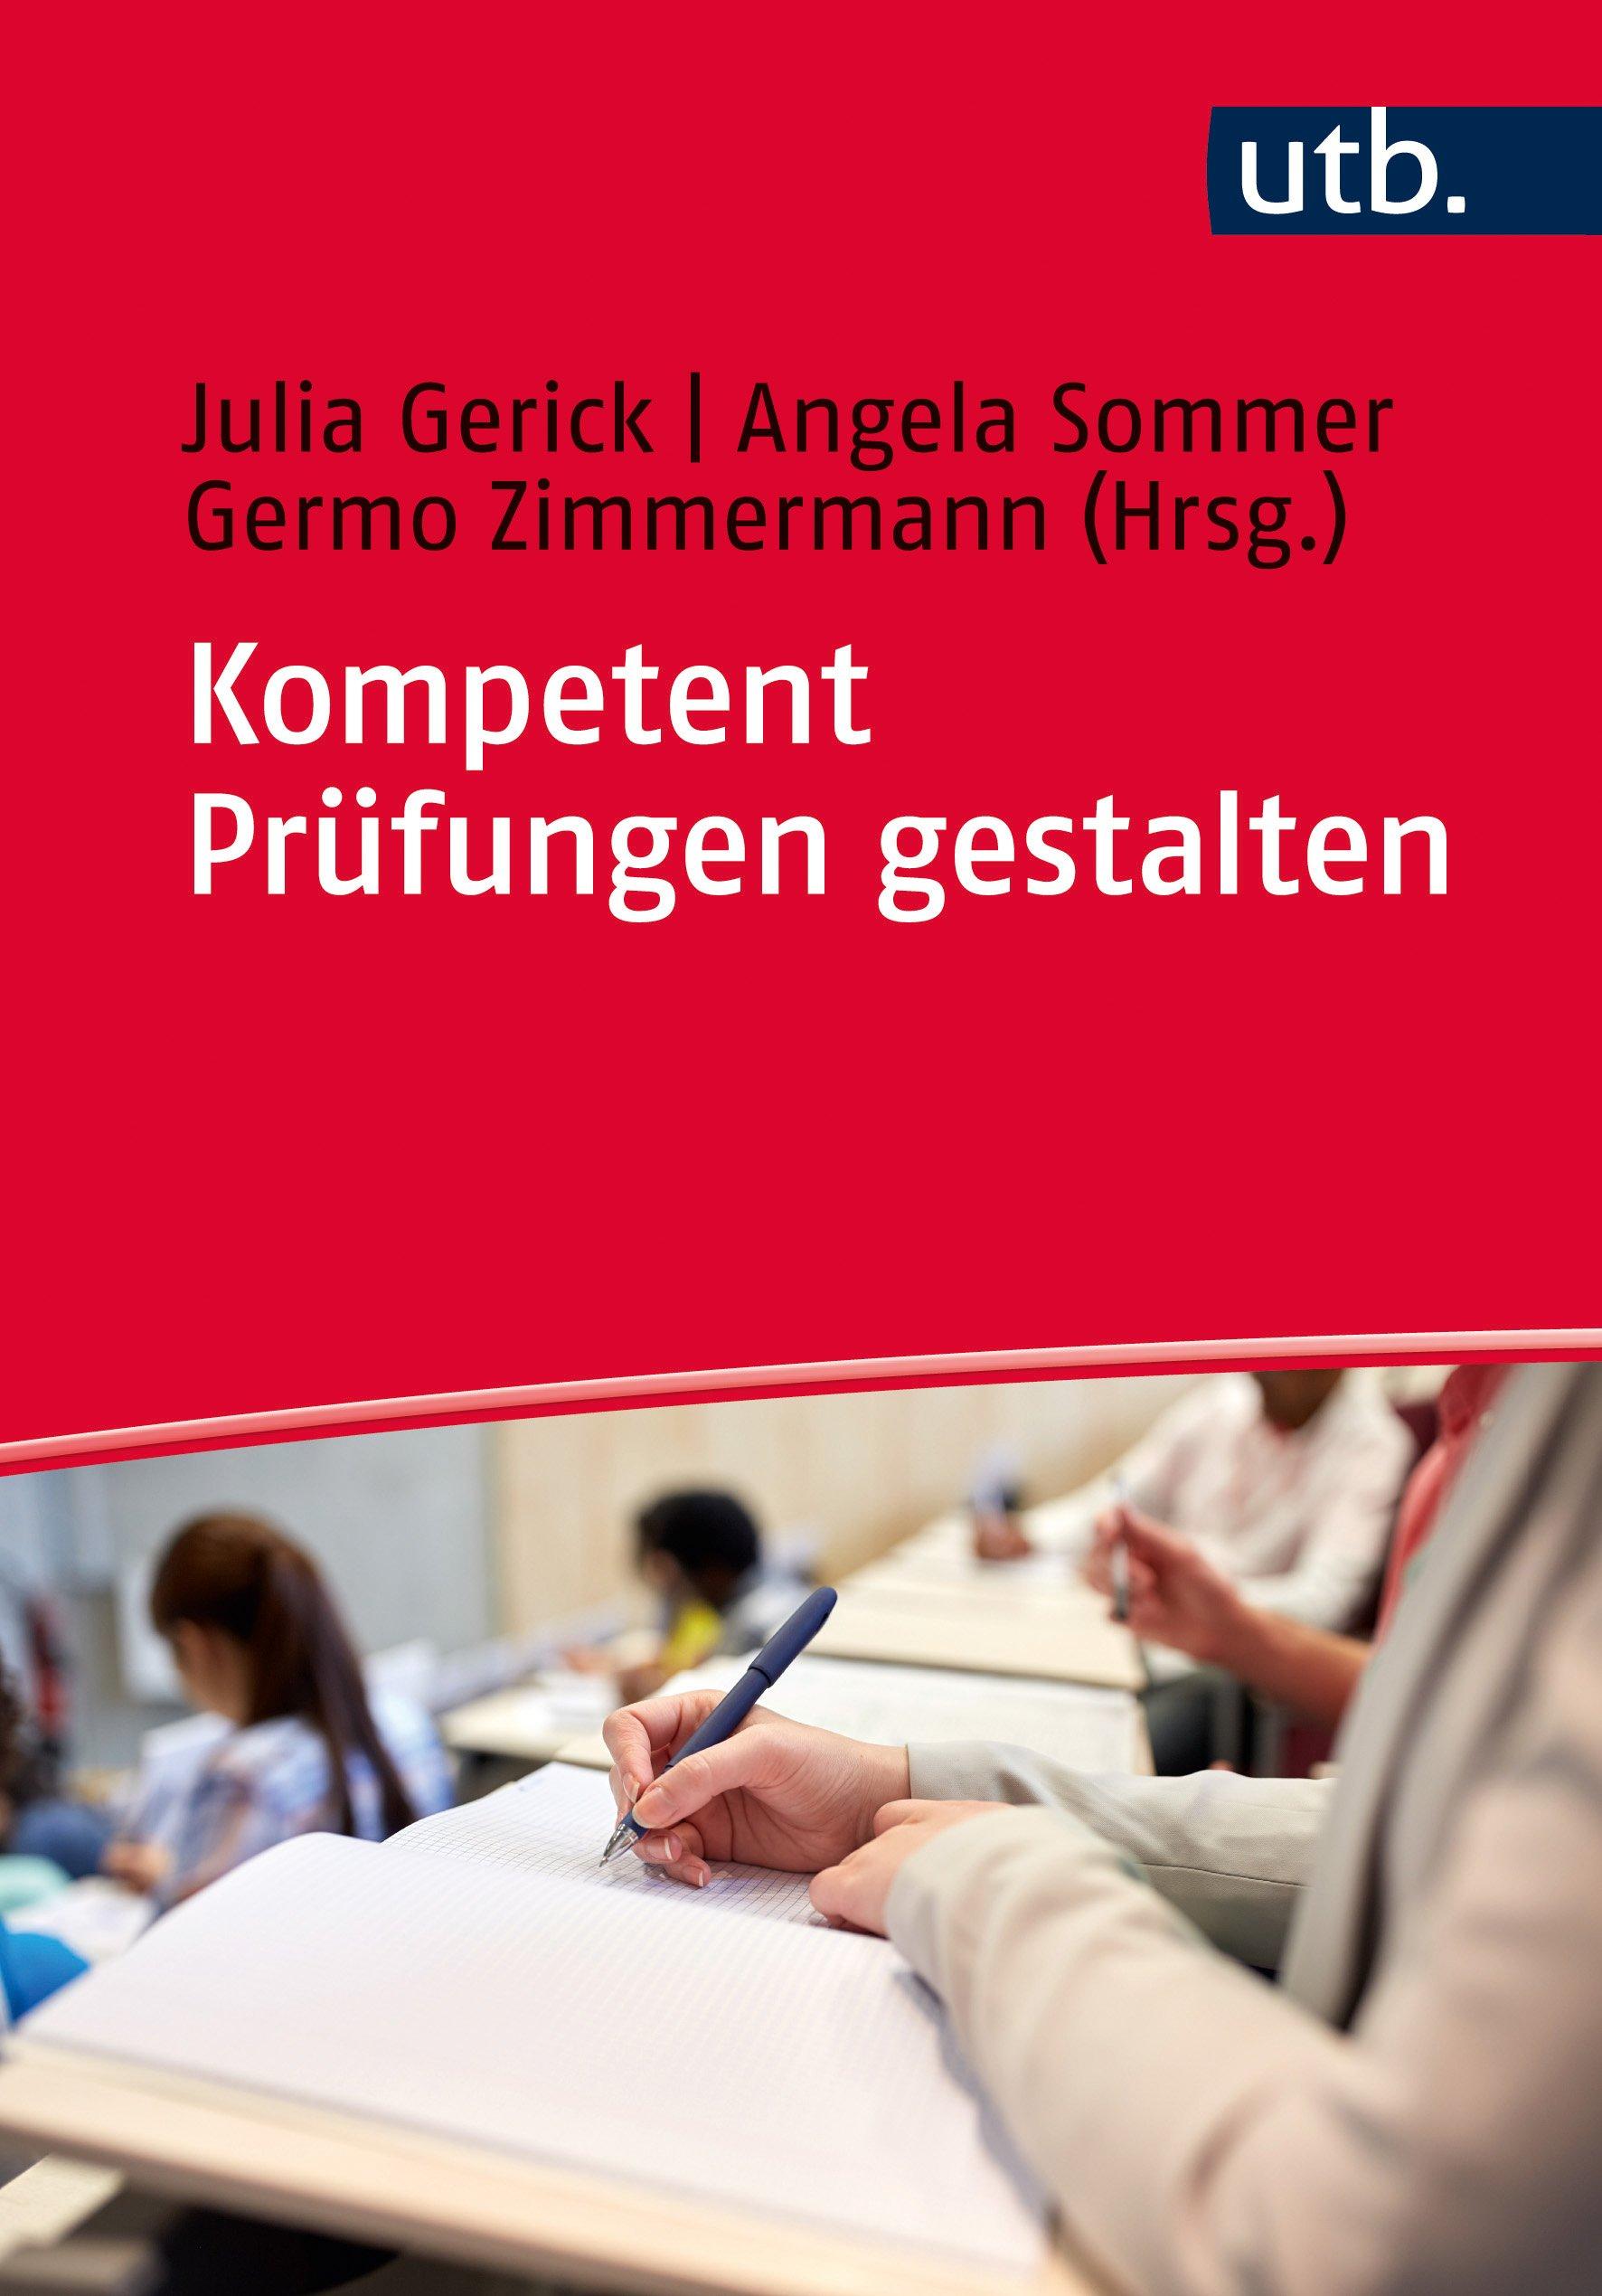 Kompetent Prüfungen gestalten: 50 Prüfungsformate für die Hochschullehre